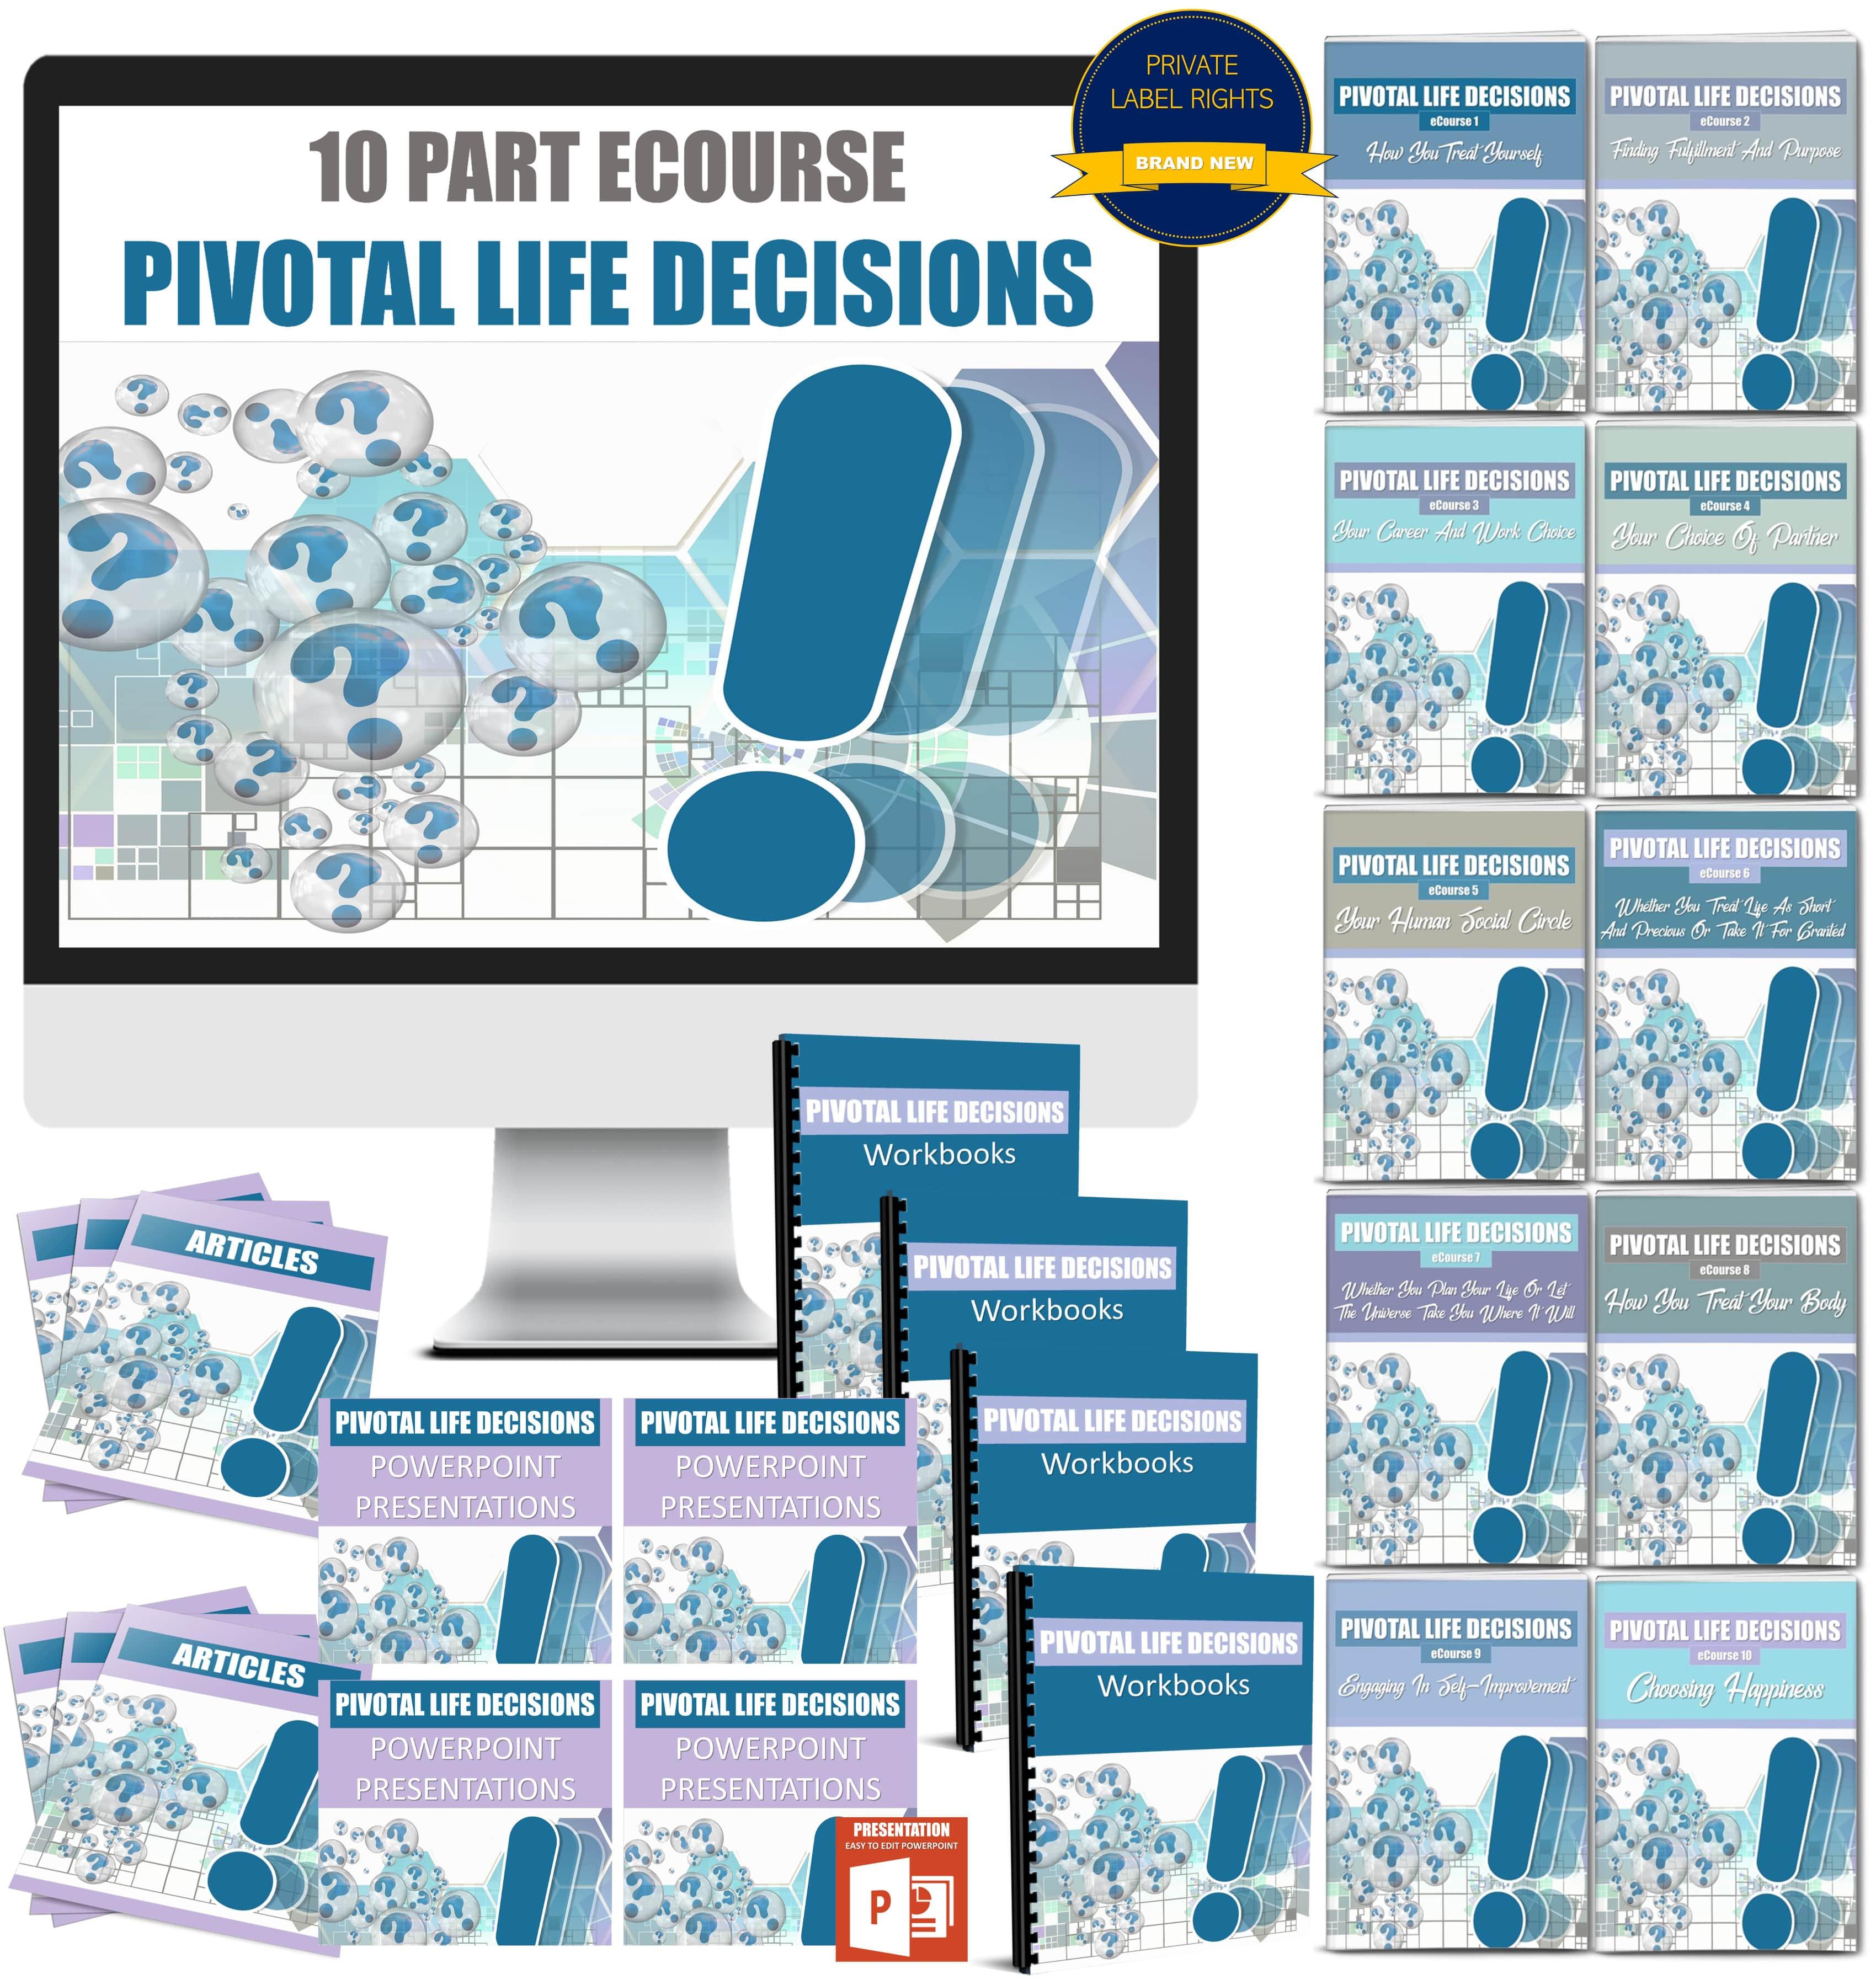 10 Part eCourse: Pivotal Life Decisions 325+ Piece PLR Pack